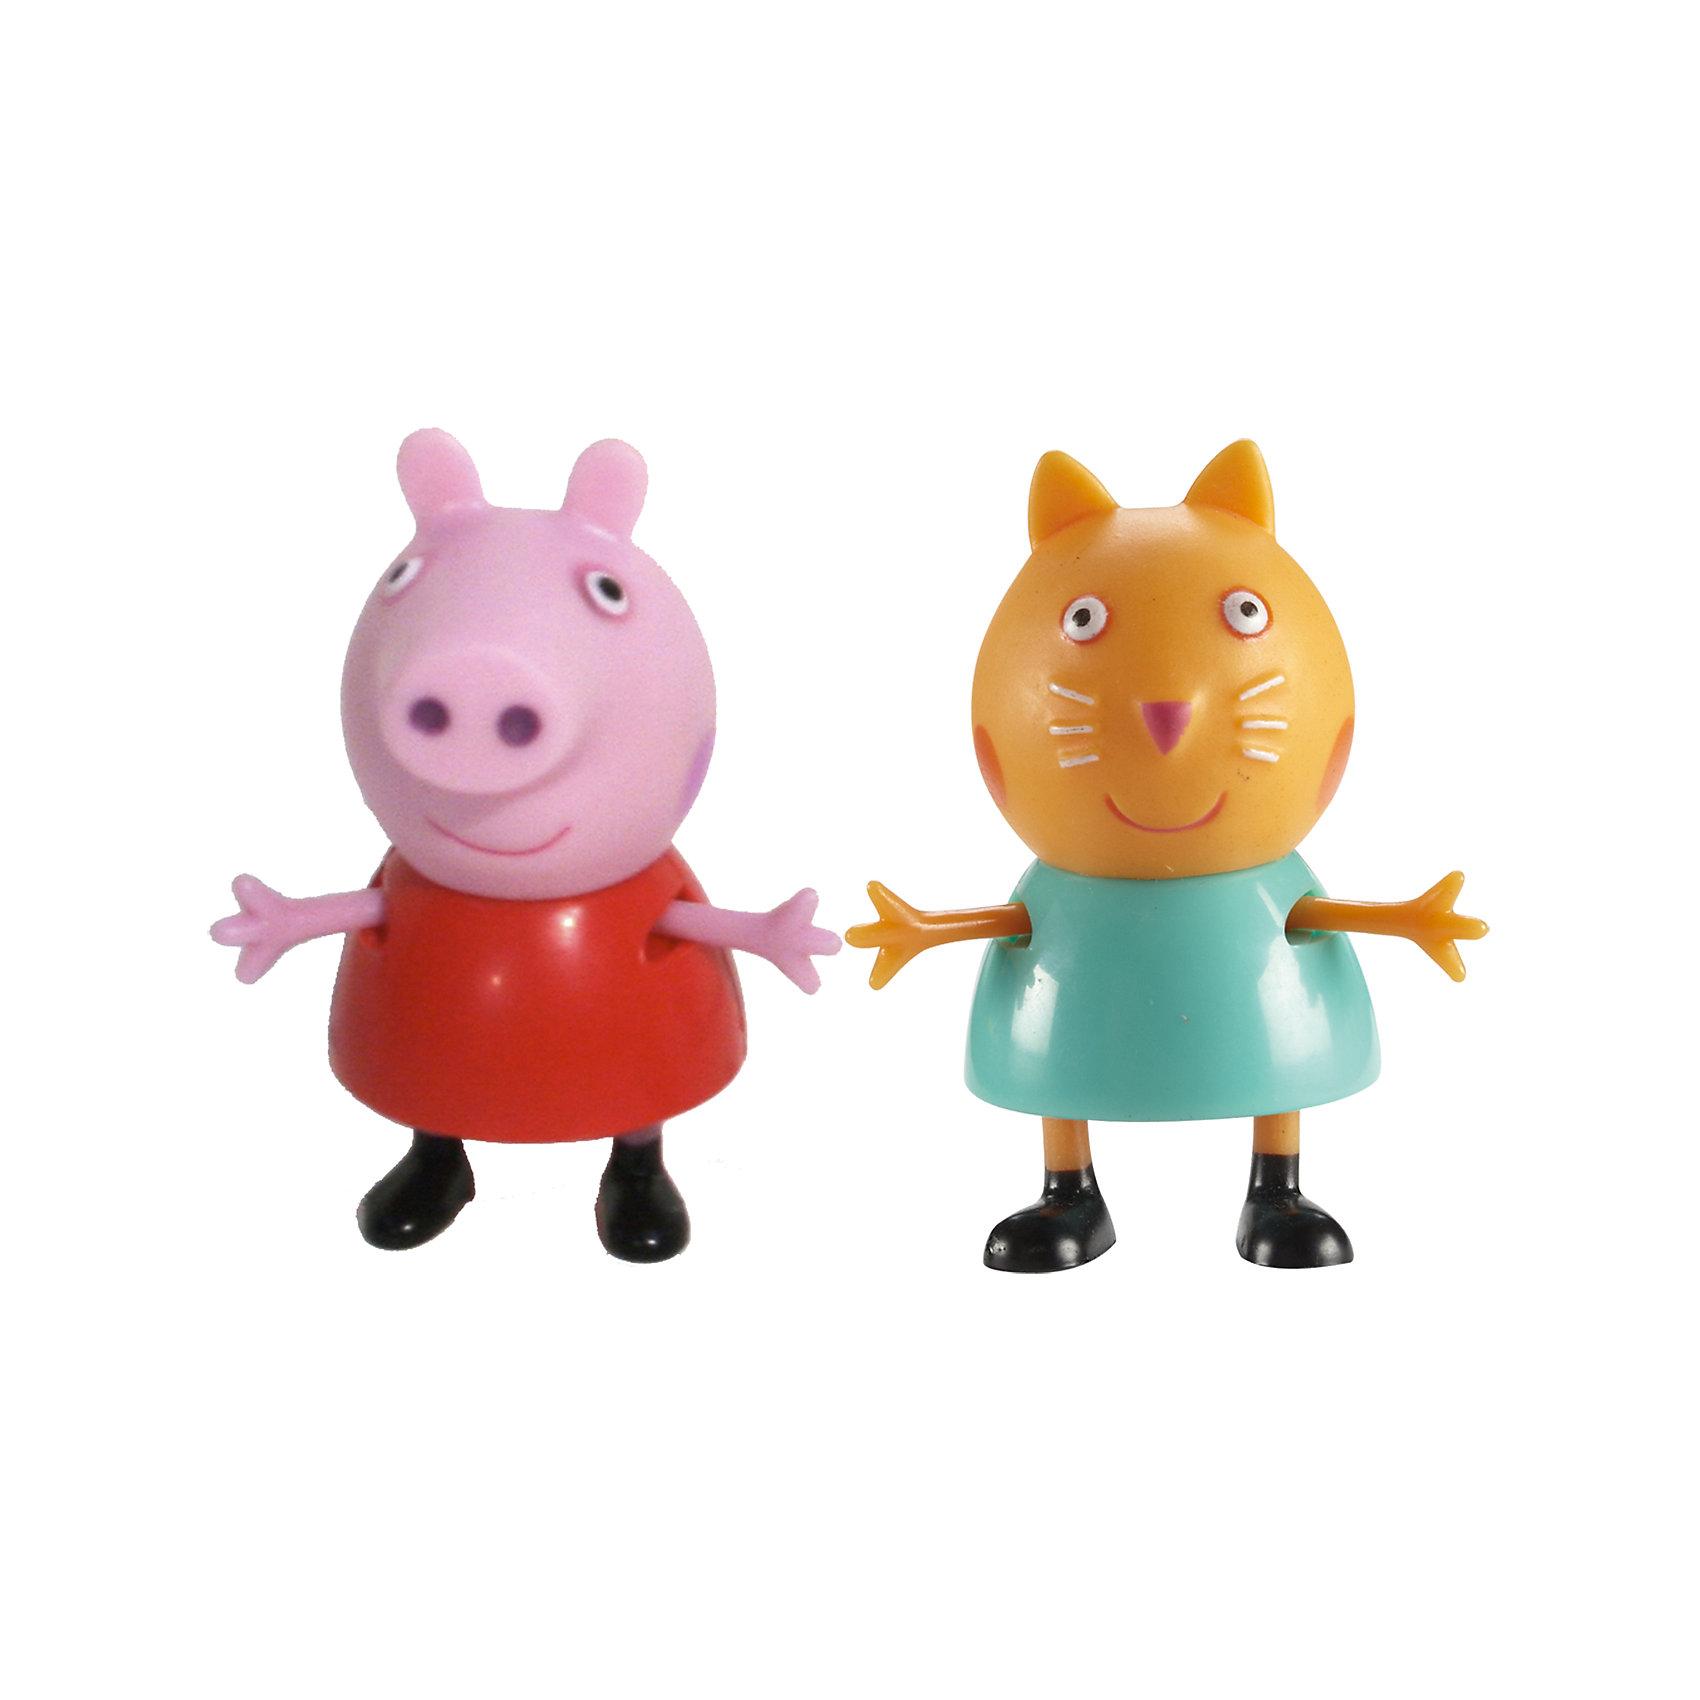 Игровой набор Пеппа и Кенди, Свинка ПеппаКоллекционные и игровые фигурки<br>Добро пожаловать в мир Свинки Пеппы! С забавными игрушками из серии «Peppa Pig» веселые мультфильмы оживут прямо у вас дома, а малыши станут участниками увлекательных приключений Пеппы и ее друзей. В наборе Пеппа и Кенди 2 фигурки, которые могут сидеть, стоять, двигать ручками и ножками. Игрушки выполнены из высококачественных экологичных материалов безопасных для детей. Собери всех героев известного мультсериала, проигрывай любимые сцены или придумывай свои новые истории! <br><br>Дополнительная информация:<br><br>- Материал: пластик.<br>- Руки, ноги фигурок подвижные. <br>- Размер фигурок: 5 см.<br><br>Игровой набор Пеппа и Кенди Свинка Пеппа, можно купить в нашем магазине.<br><br>Ширина мм: 140<br>Глубина мм: 50<br>Высота мм: 155<br>Вес г: 85<br>Возраст от месяцев: 36<br>Возраст до месяцев: 72<br>Пол: Унисекс<br>Возраст: Детский<br>SKU: 4261814